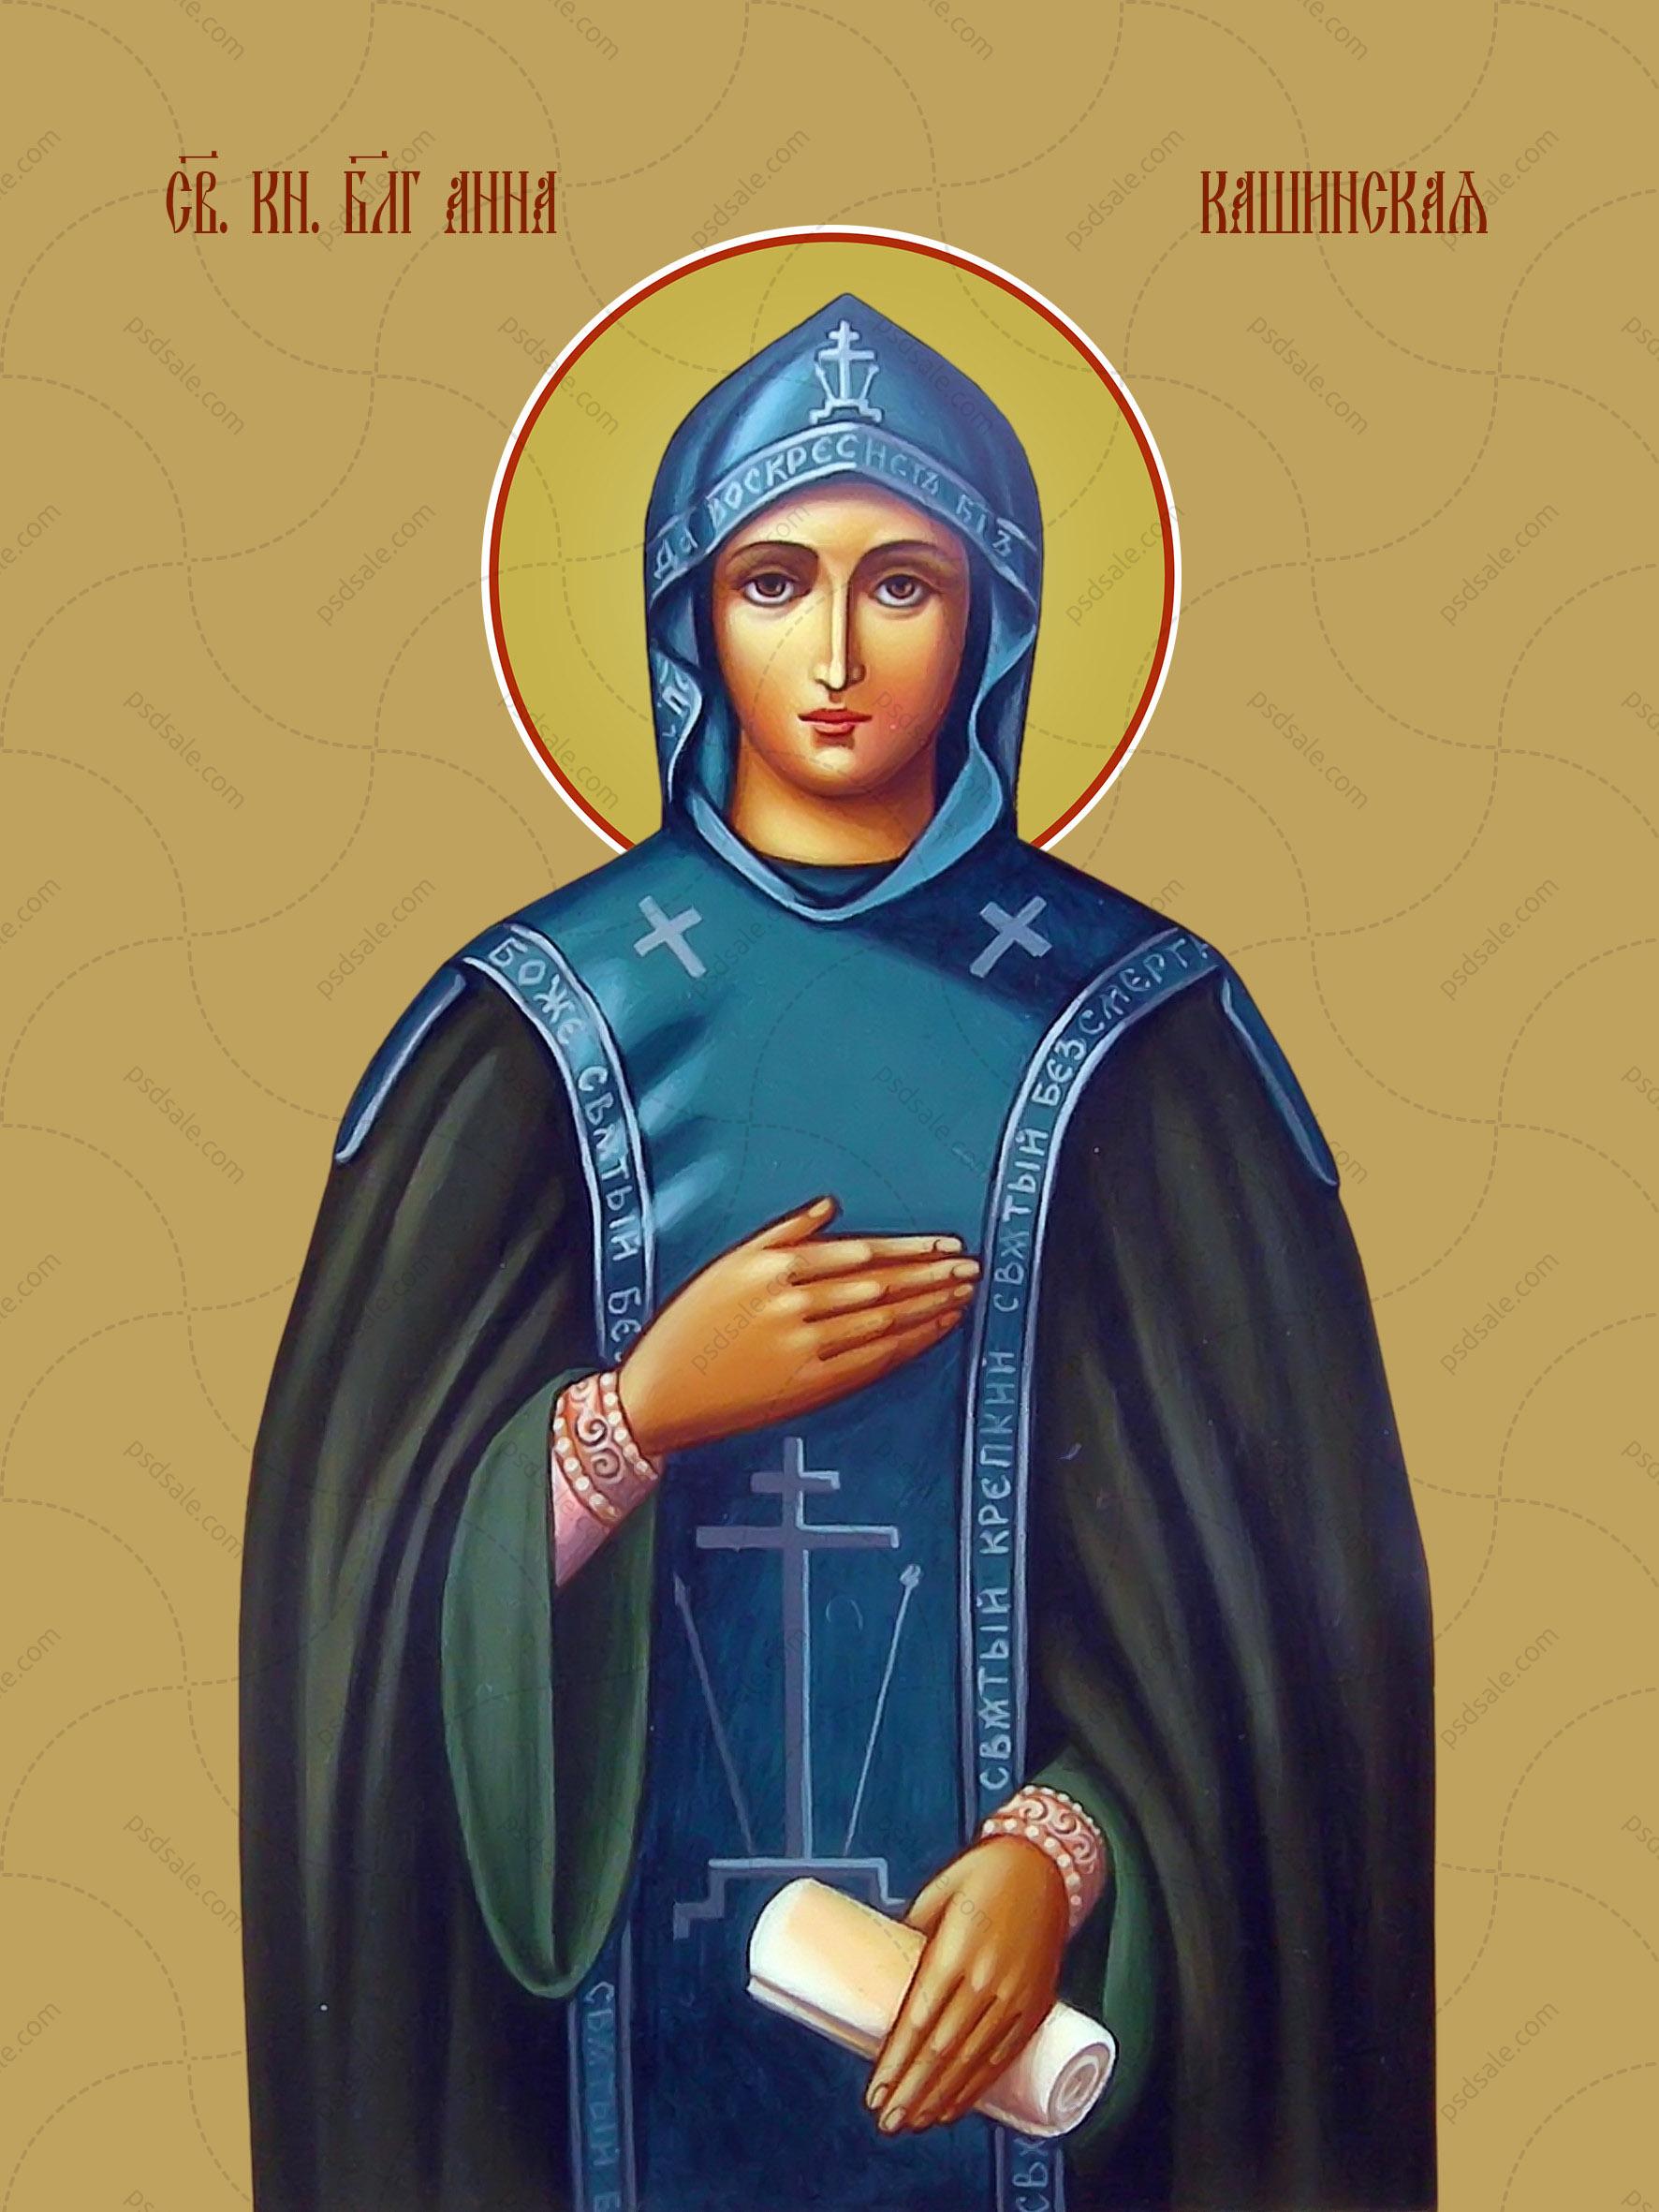 Анна Кашинская, святая